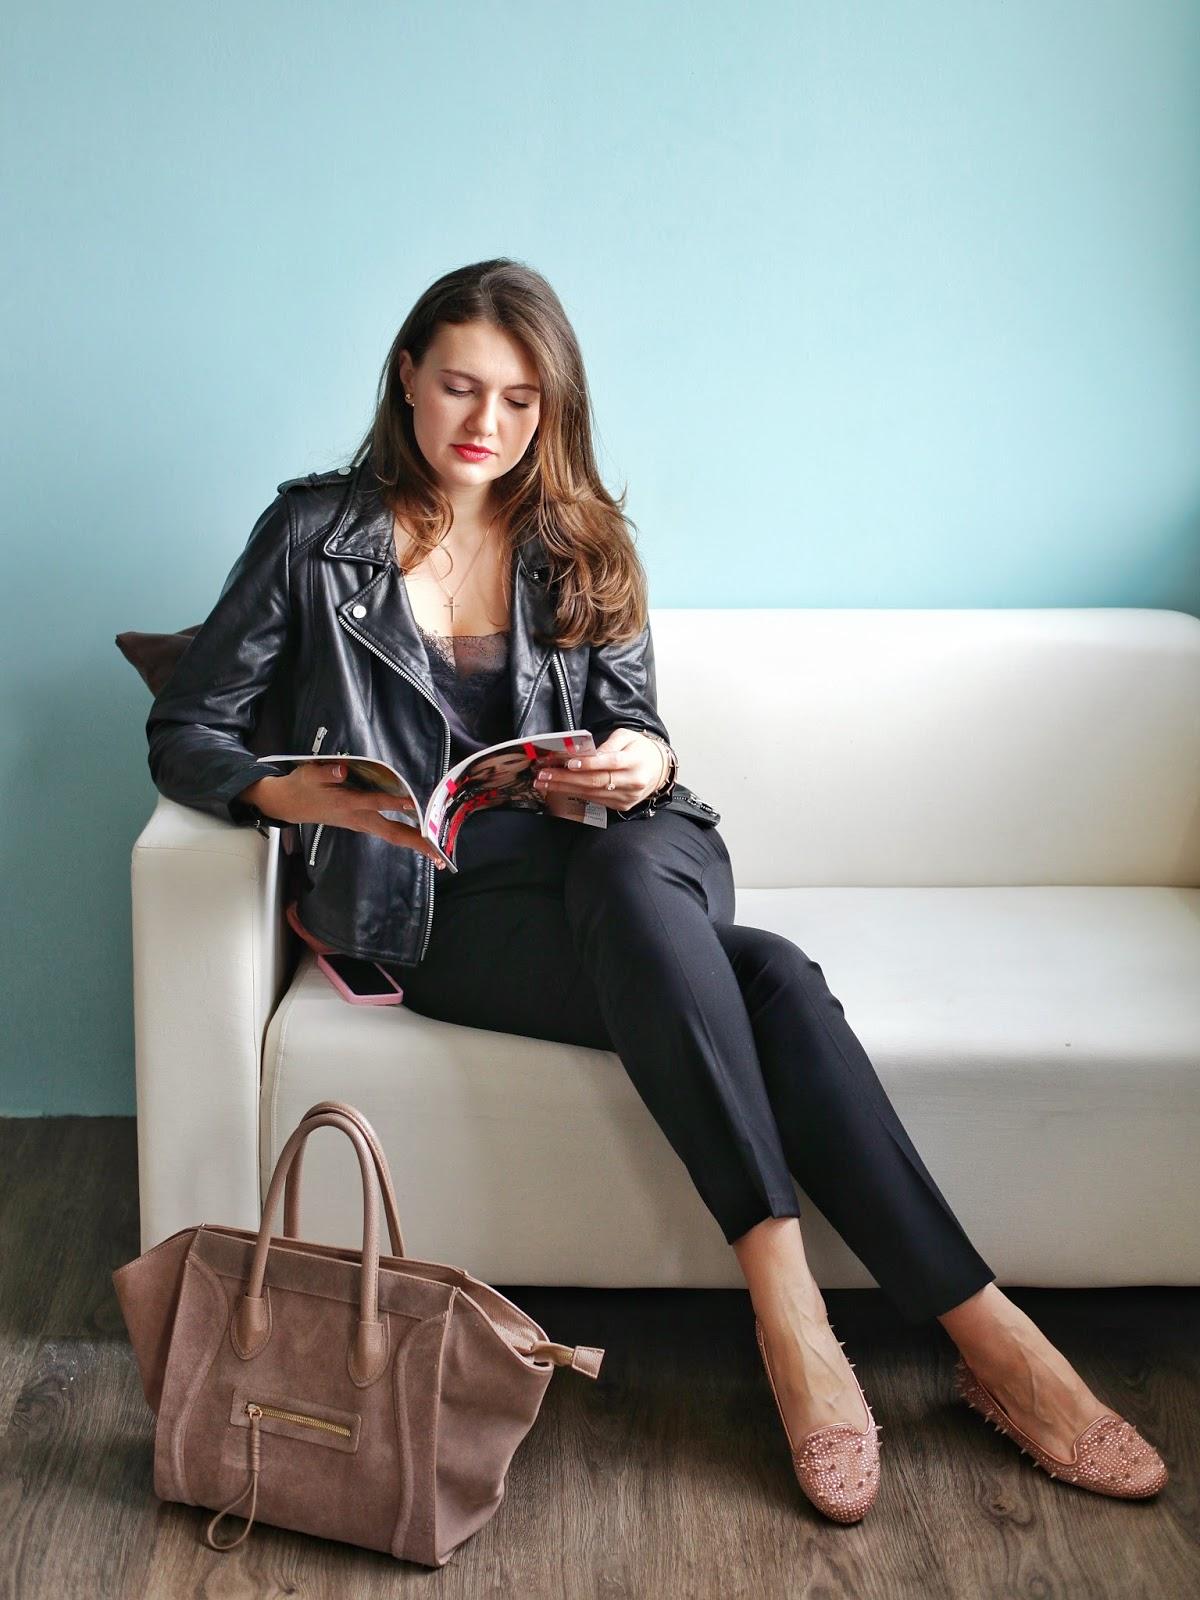 Куртка косуха, с чем носить куртку косуху, как сочетать вещи, базовый гардероб, куртка косуха купить киев, фешн блогер, Эвелина Попова